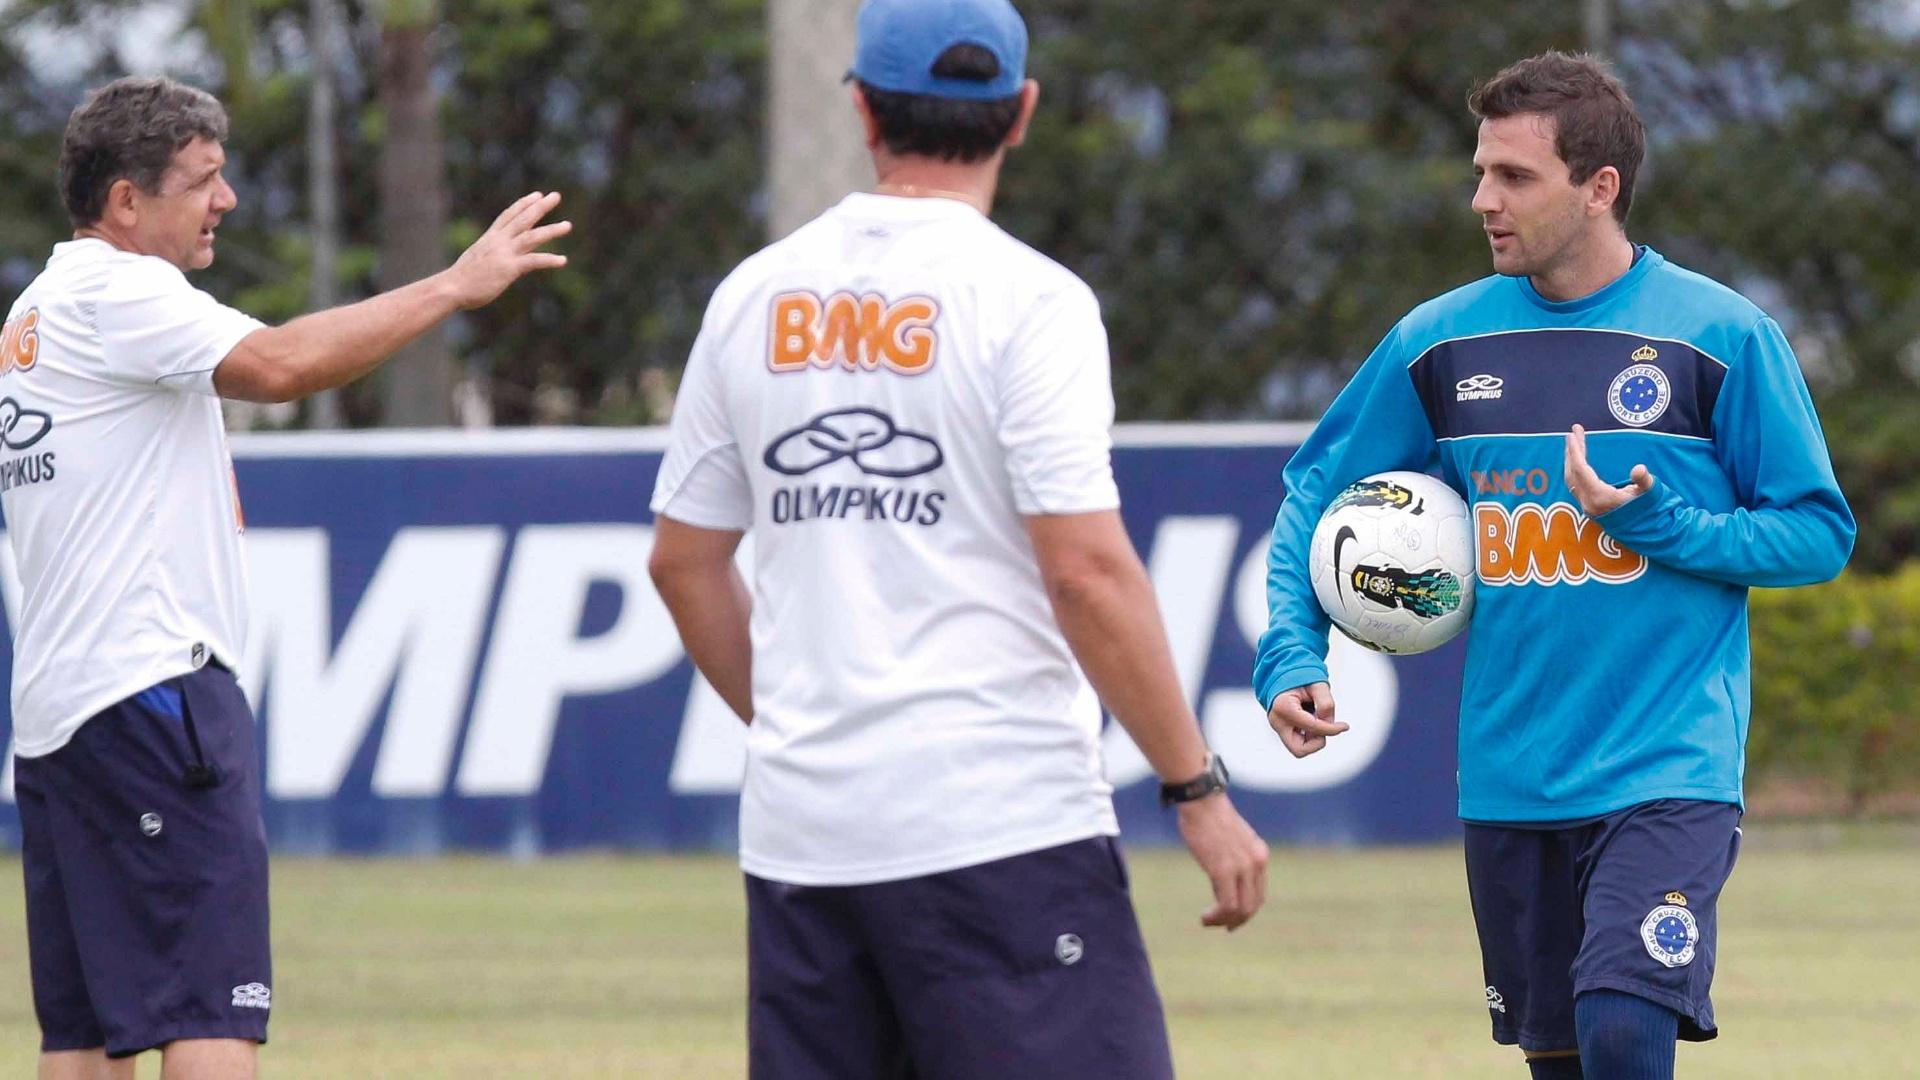 Montillo participa de treino do Cruzeiro na Toca da Raposa II (29/11/2012)